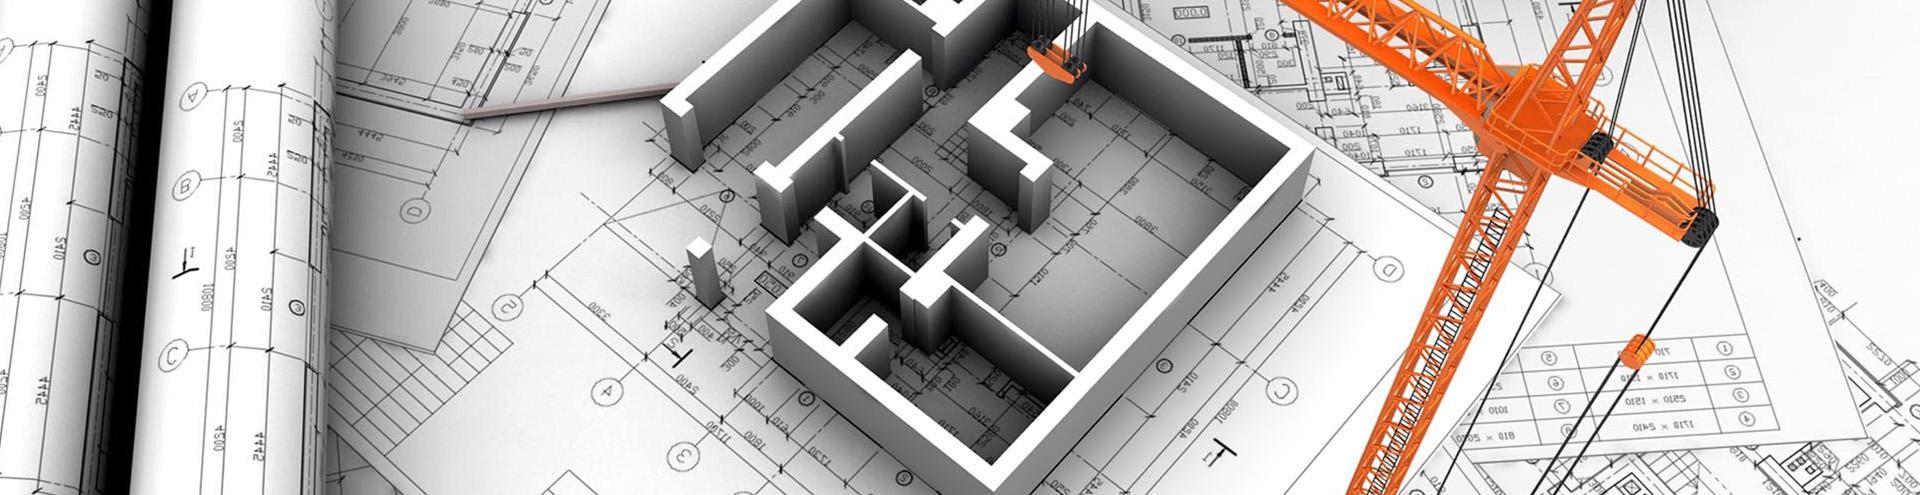 Получение разрешения на реконструкцию здания в Рязани и Рязанской области